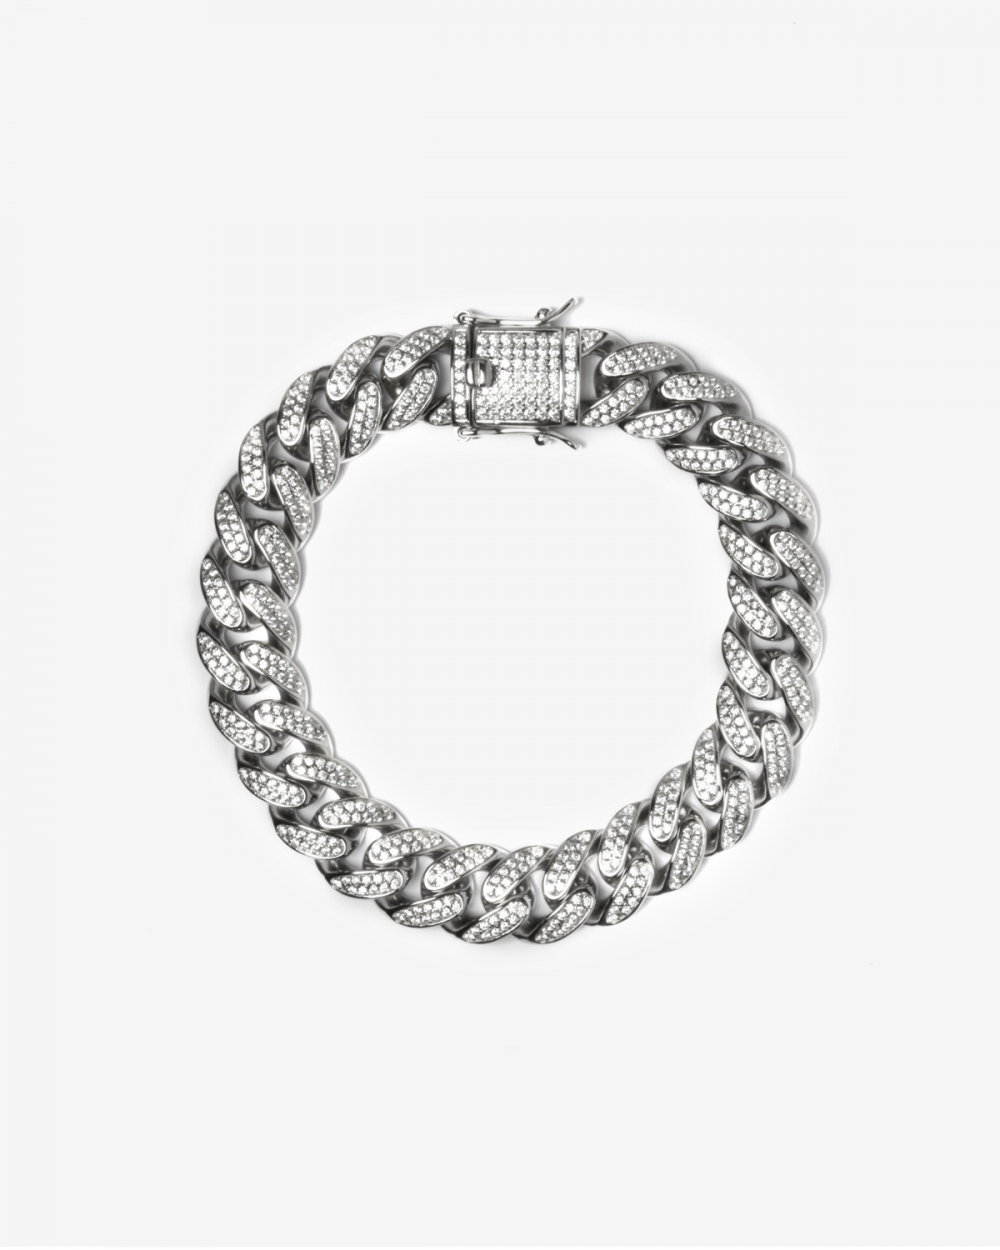 Bracelets H120 SILVER OVAL ZIRCON CURB BRACELET NOVE25